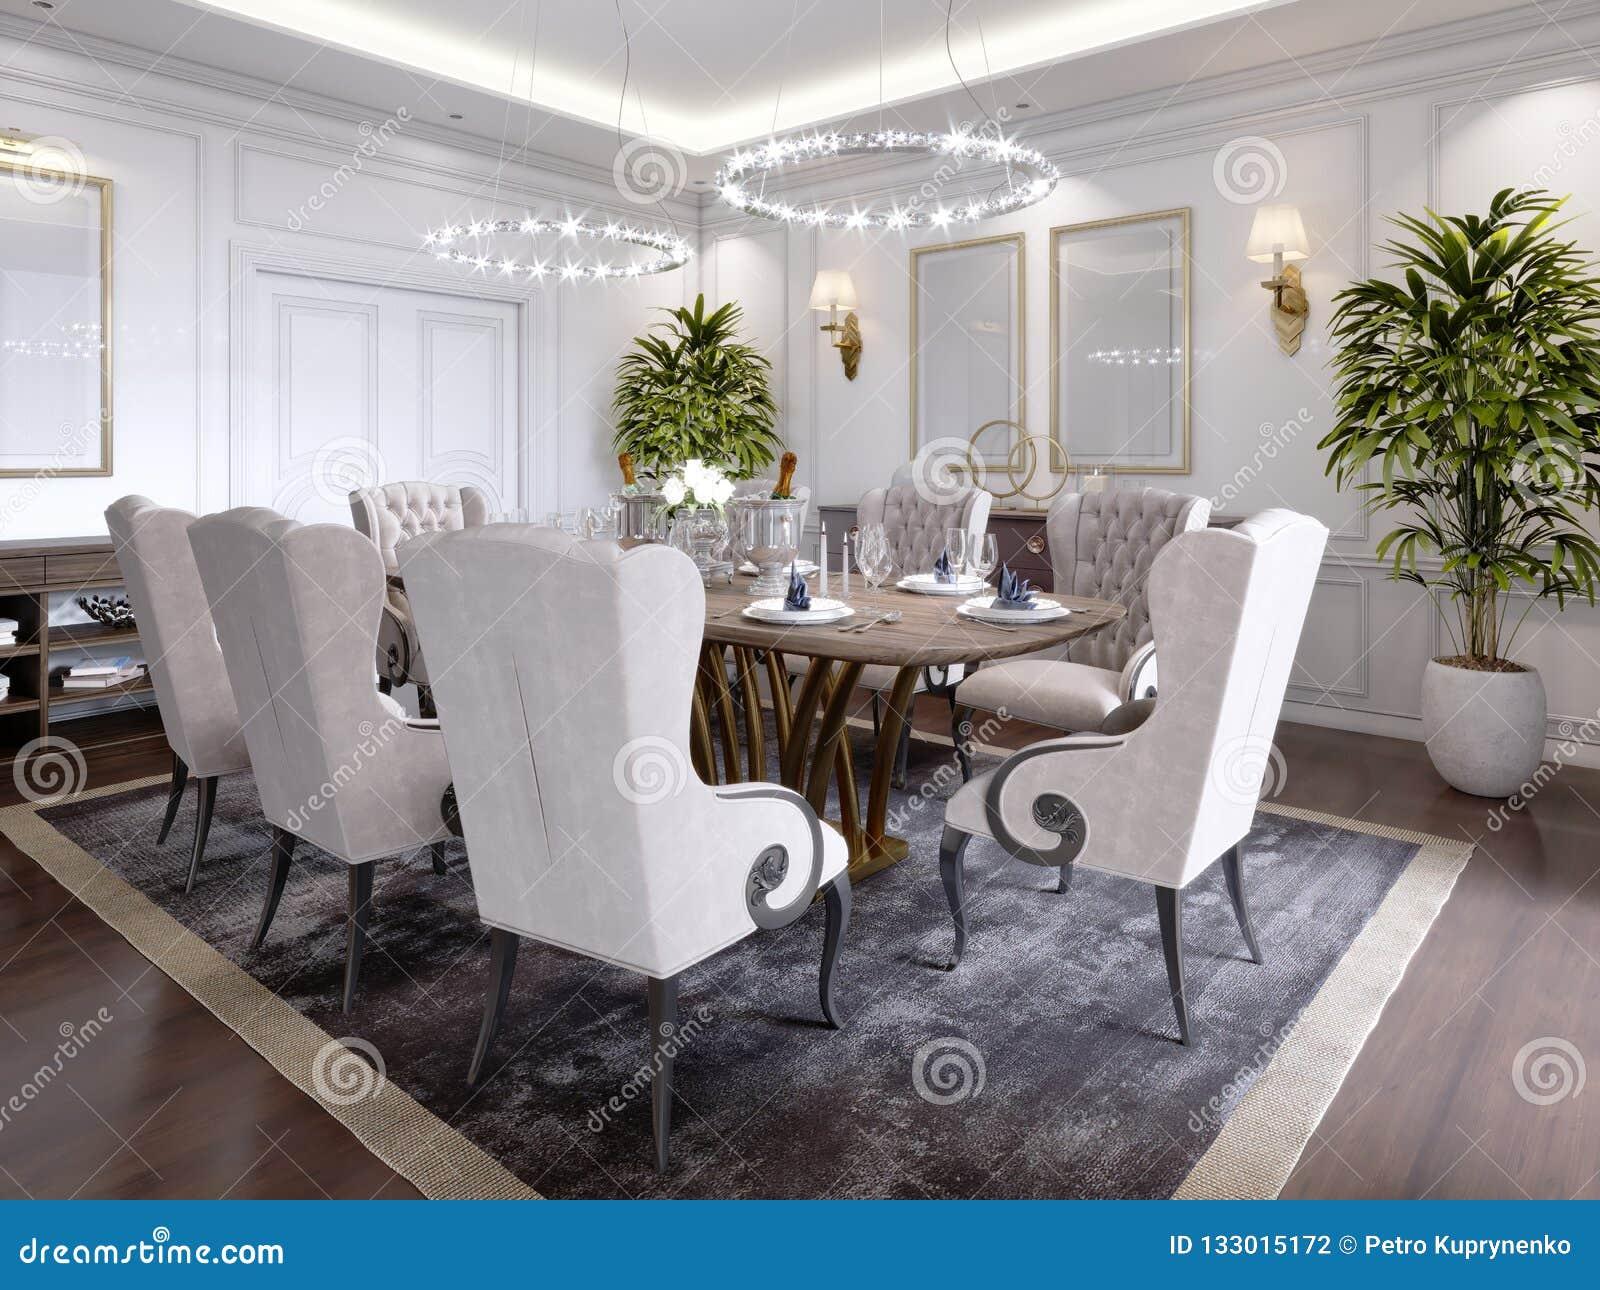 Grande Table De Salle à Manger Pour Huit Personnes Dans Le Style ...